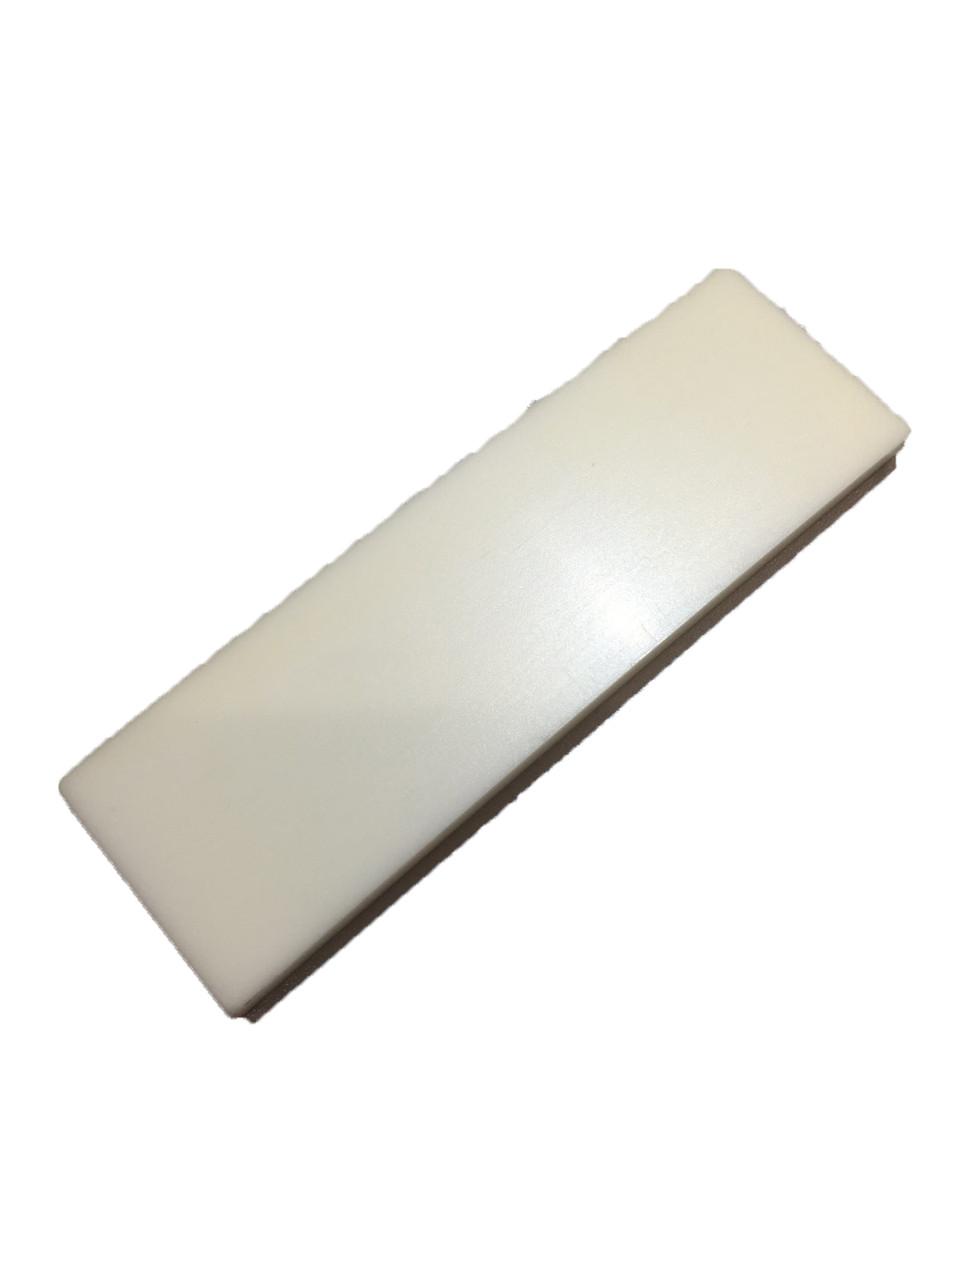 21910109 Белая вставка для деревянного ракеля for wooden squeegee with hard PU blade, 140mm Uzlex